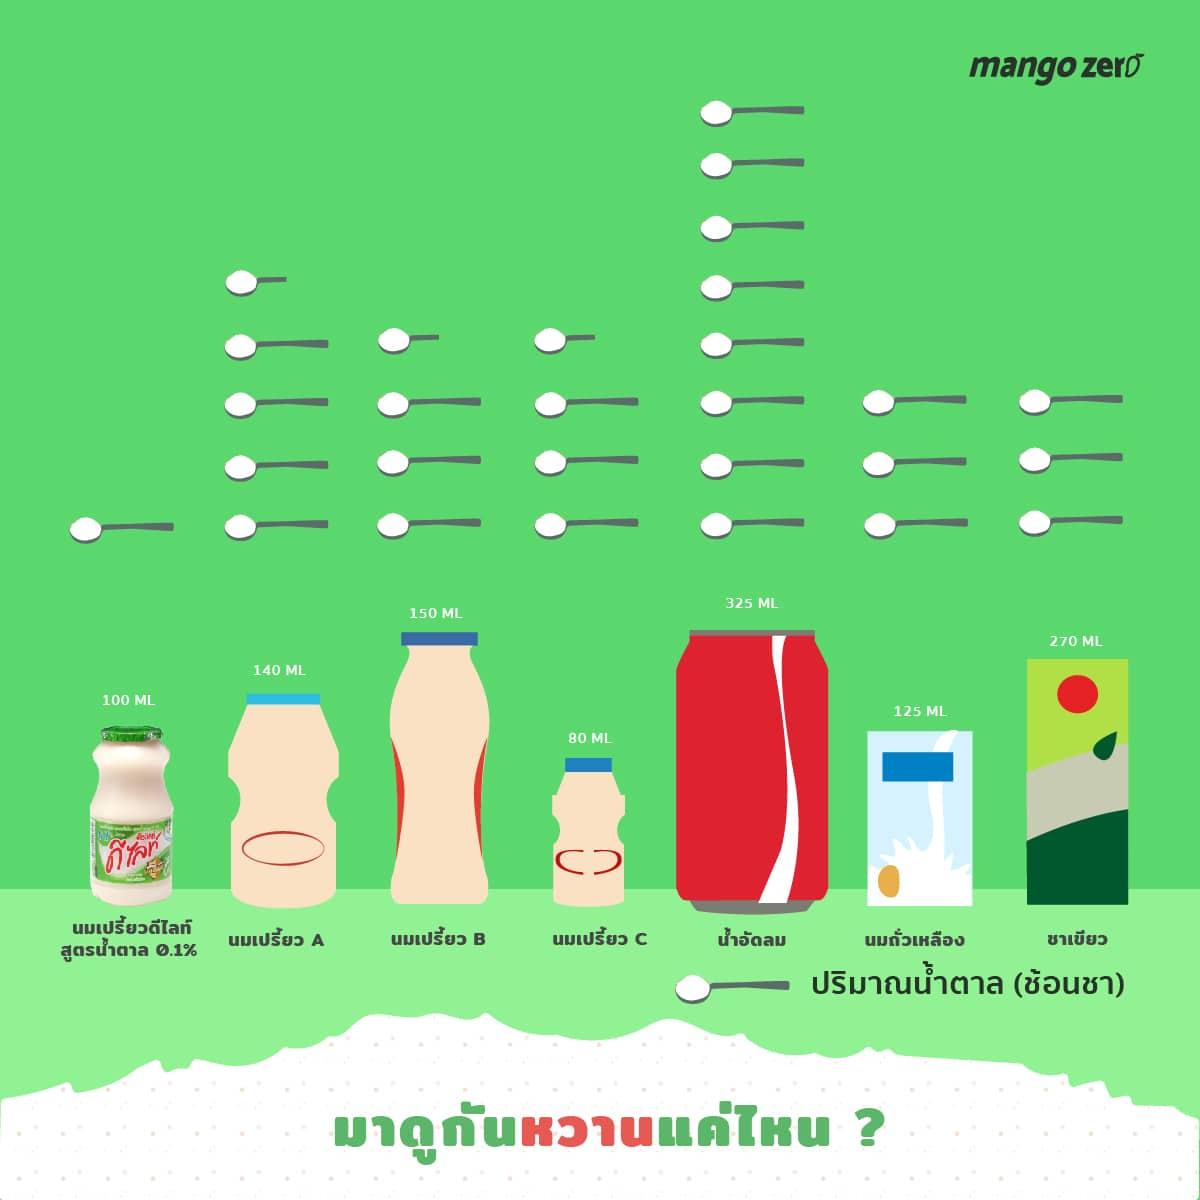 delight-01-sugar1